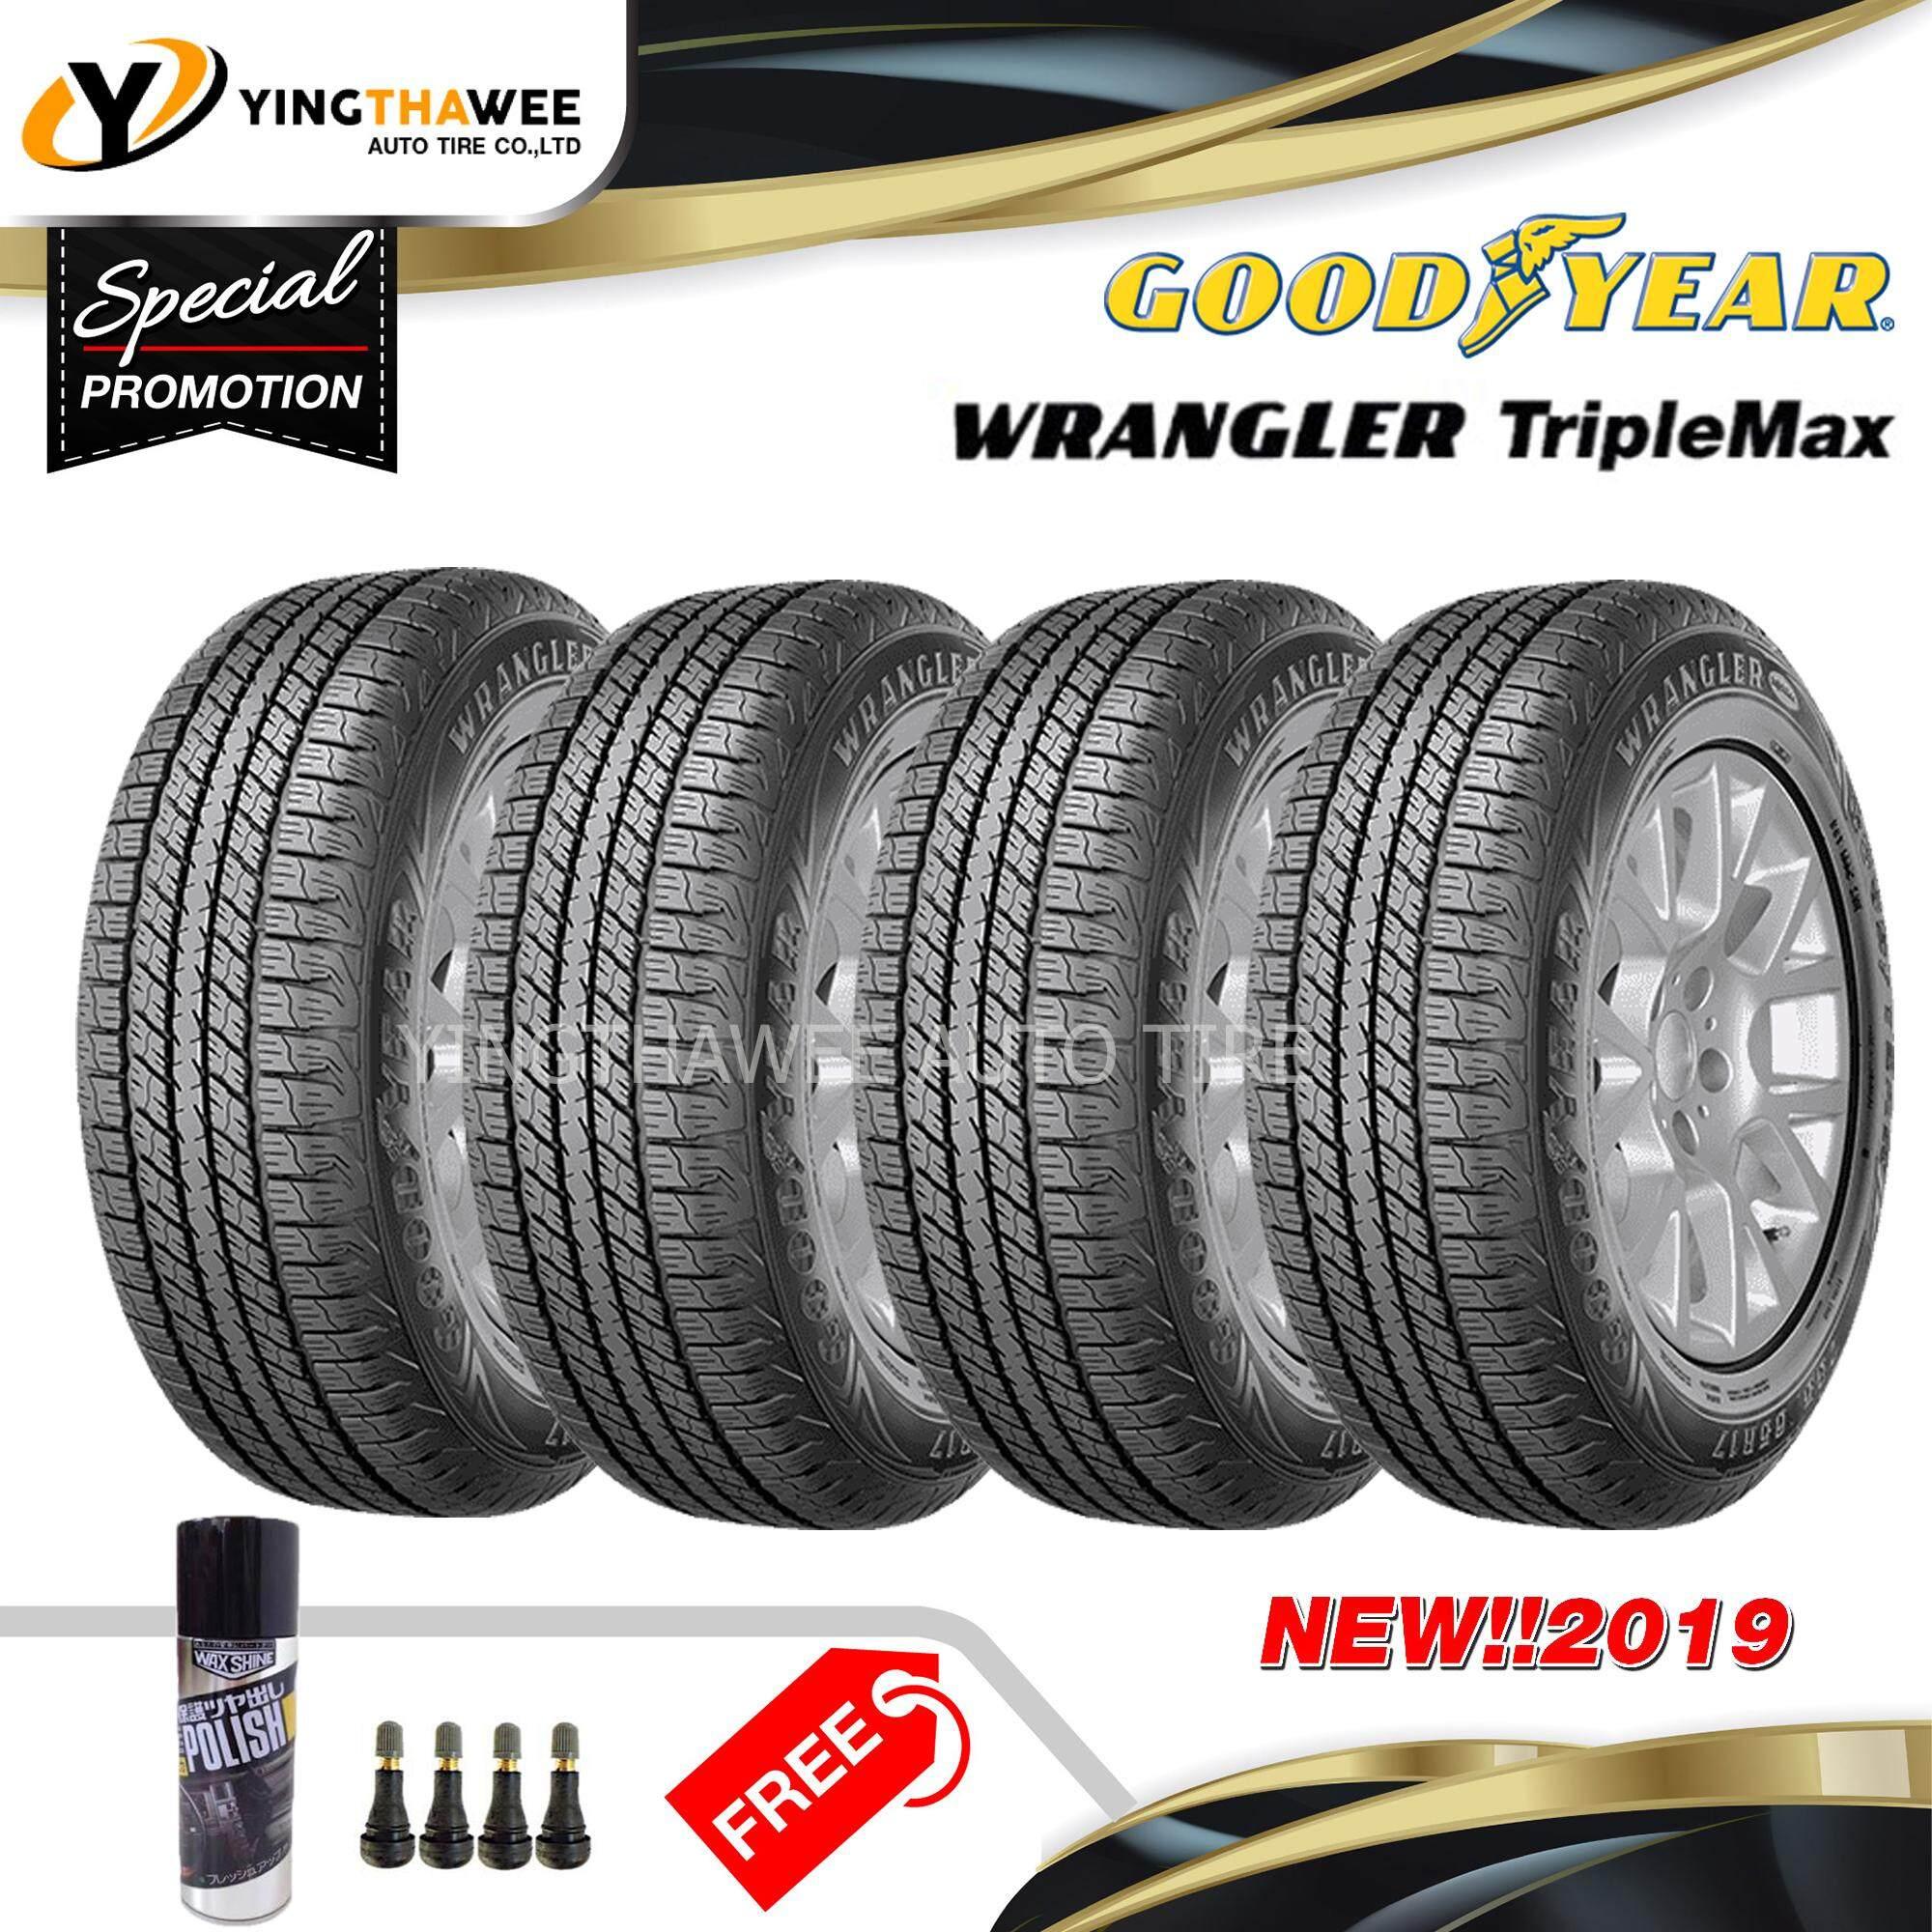 ประกันภัย รถยนต์ แบบ ผ่อน ได้ พิษณุโลก Goodyear ยางรถยนต์ 235/65R17 รุ่น Wrangler Triplemax  4 เส้น (ปี 2019) แถม Wax Shine 420 ml. 1 กระป๋อง + จุ๊บลมยางหัวทองเหลือง 4 ตัว